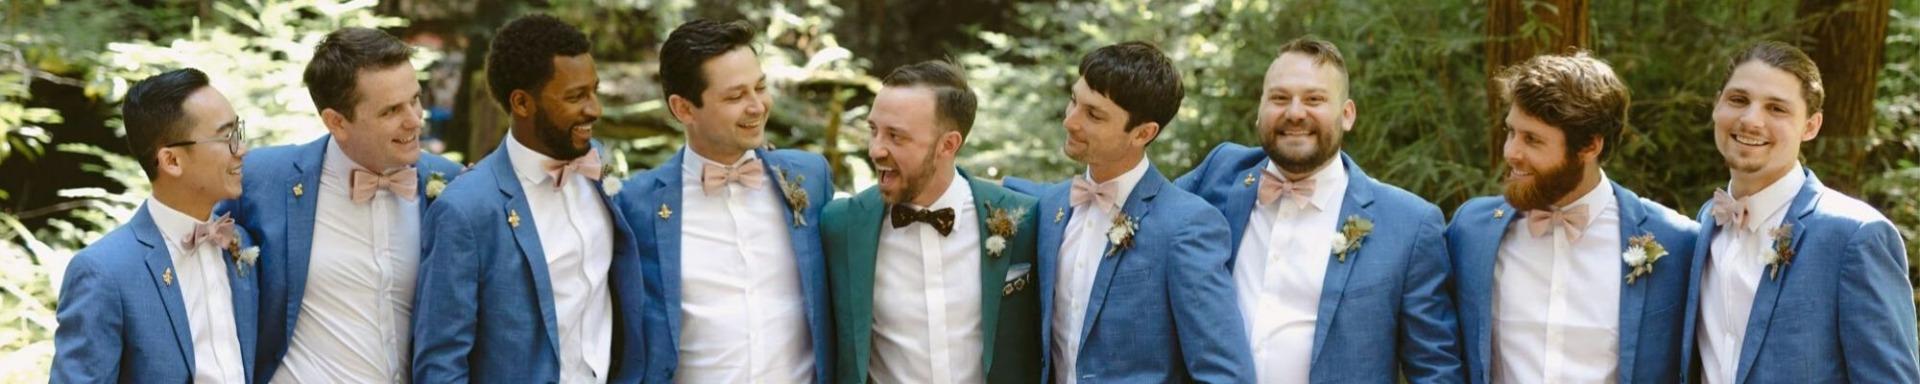 groomsmen-wearing-goldenjet-pins